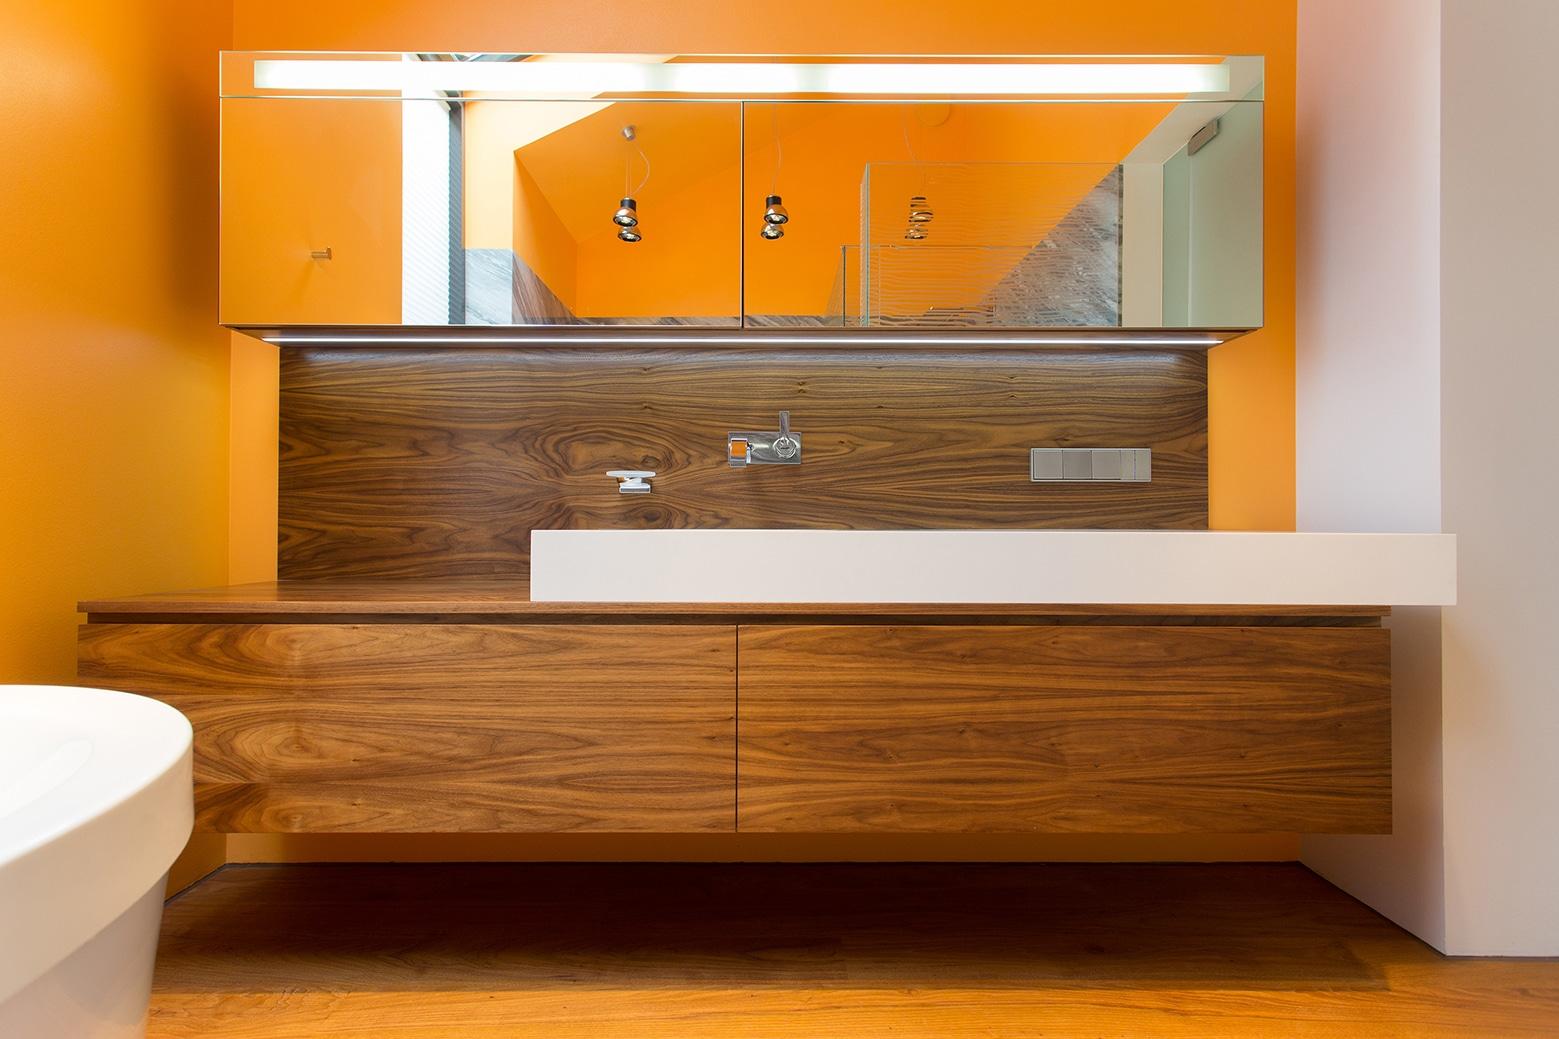 Tinas De Baño De Ceramica:Casa de campo con planos, moderno diseño de fachada con acabados de